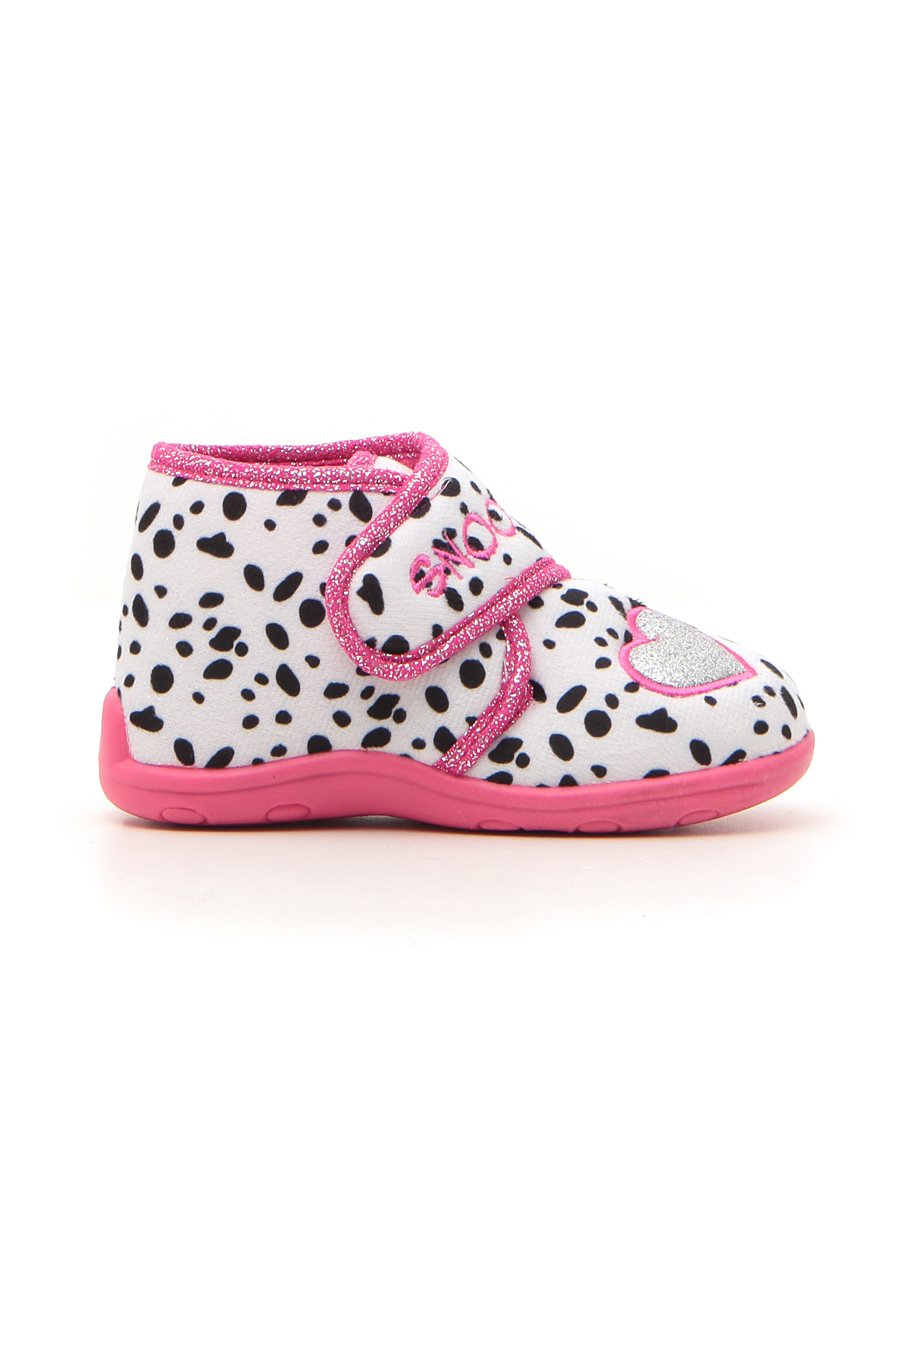 PANTOFOLE bambina rosa SNOOPY 4715738 | Pittarello